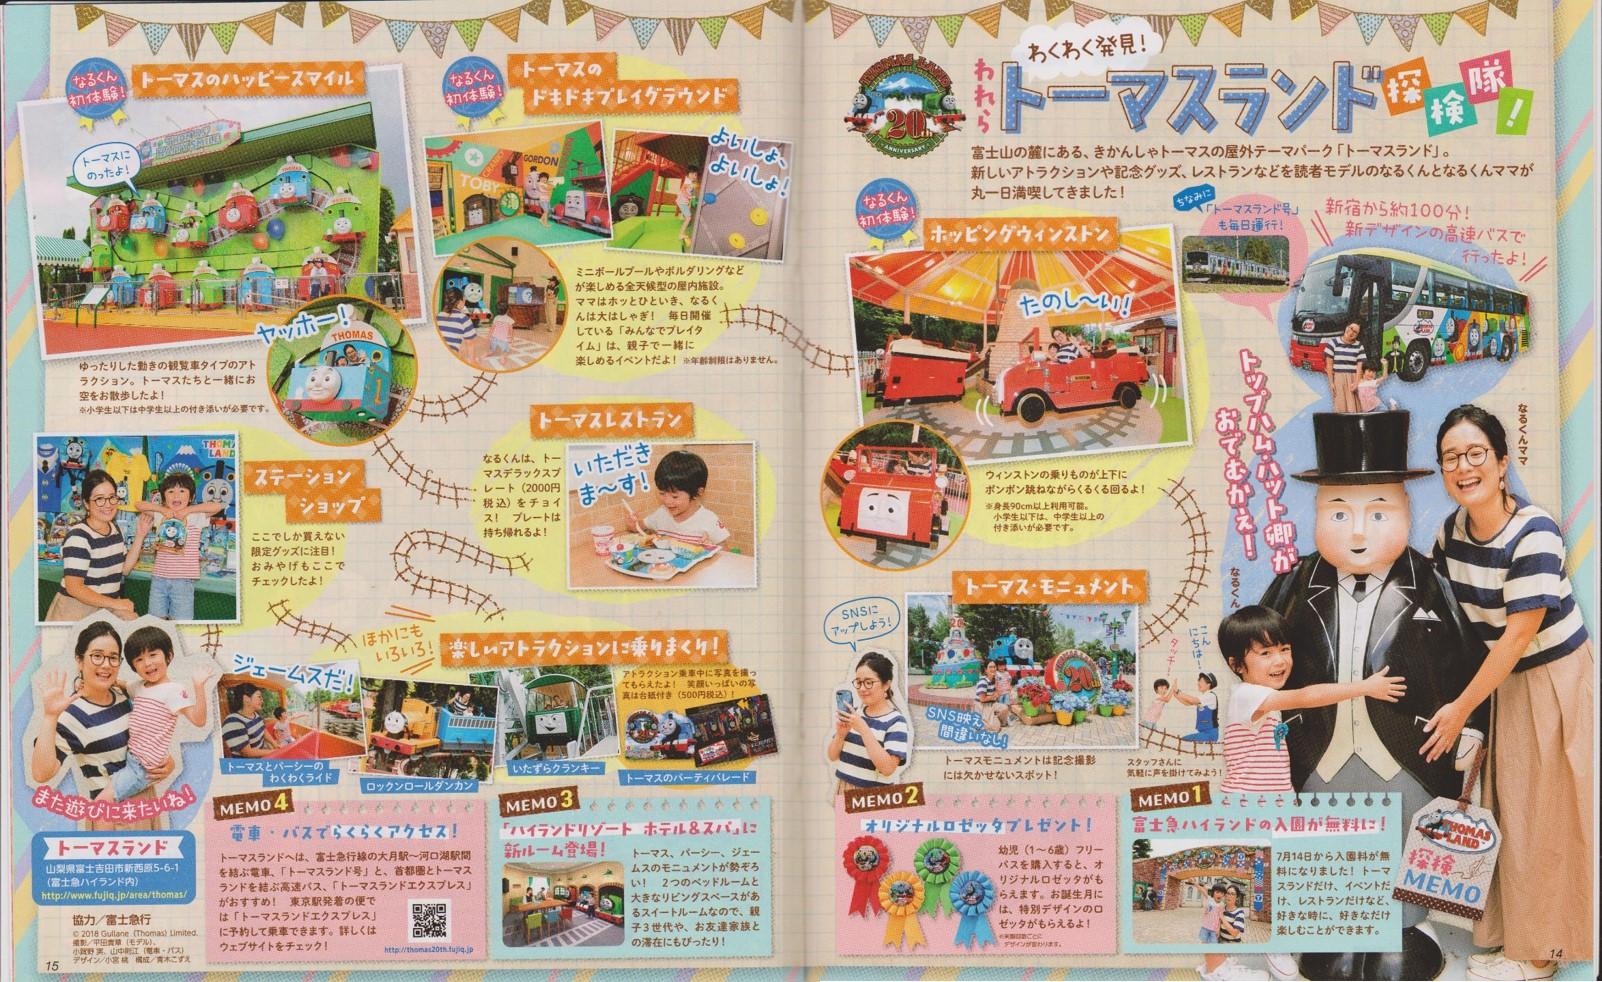 7月14日(土)から富士急ハイランドの入園料が無料へ。無料であれば散歩がてらに気軽に行けますね ^ ^